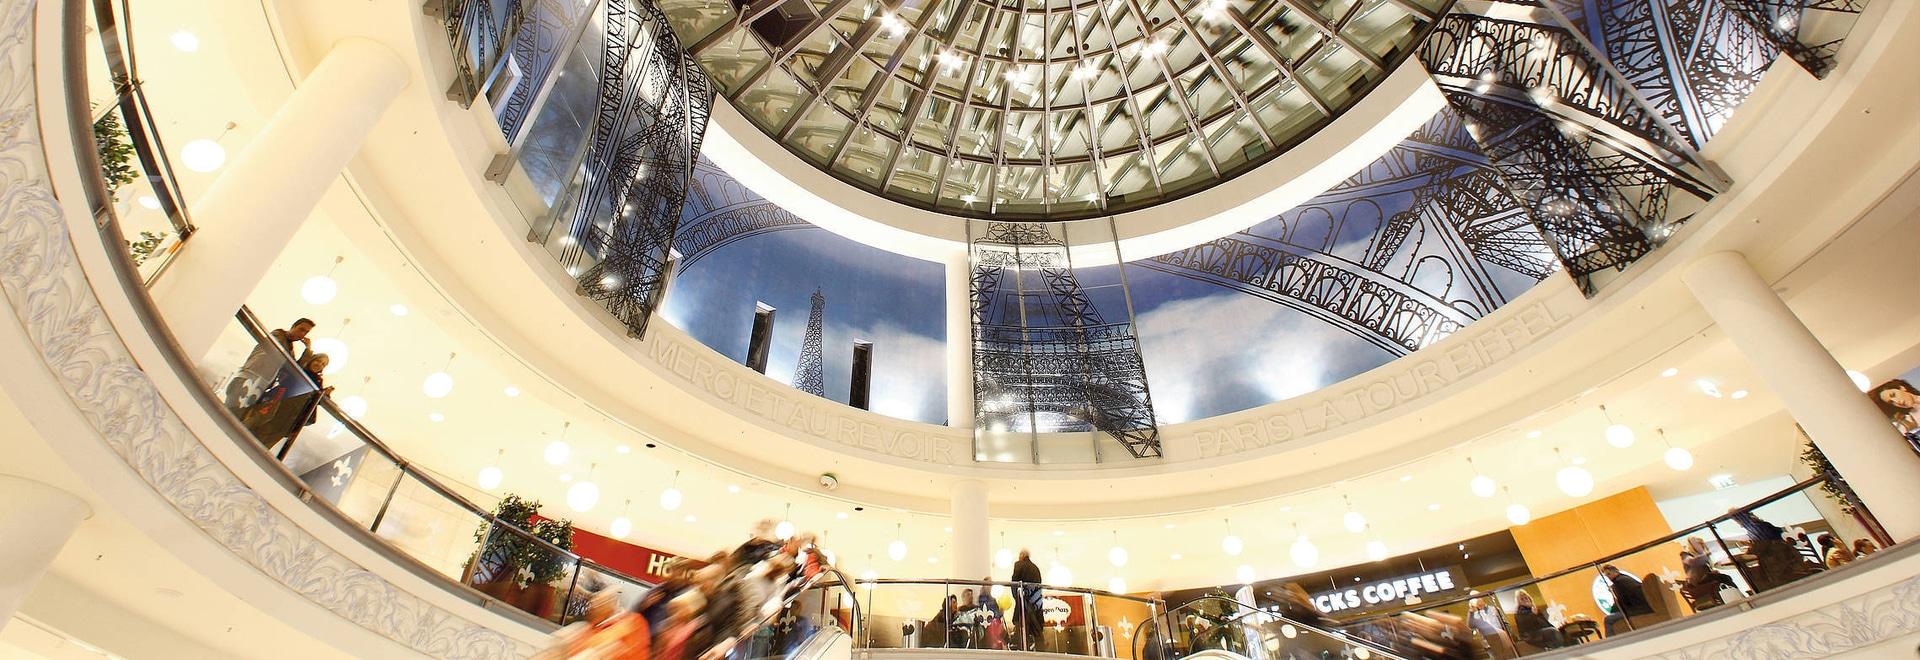 Los recintos de protección contra incendios de Spelsberg contribuyen a la seguridad del centro comercial Limbecker Platz